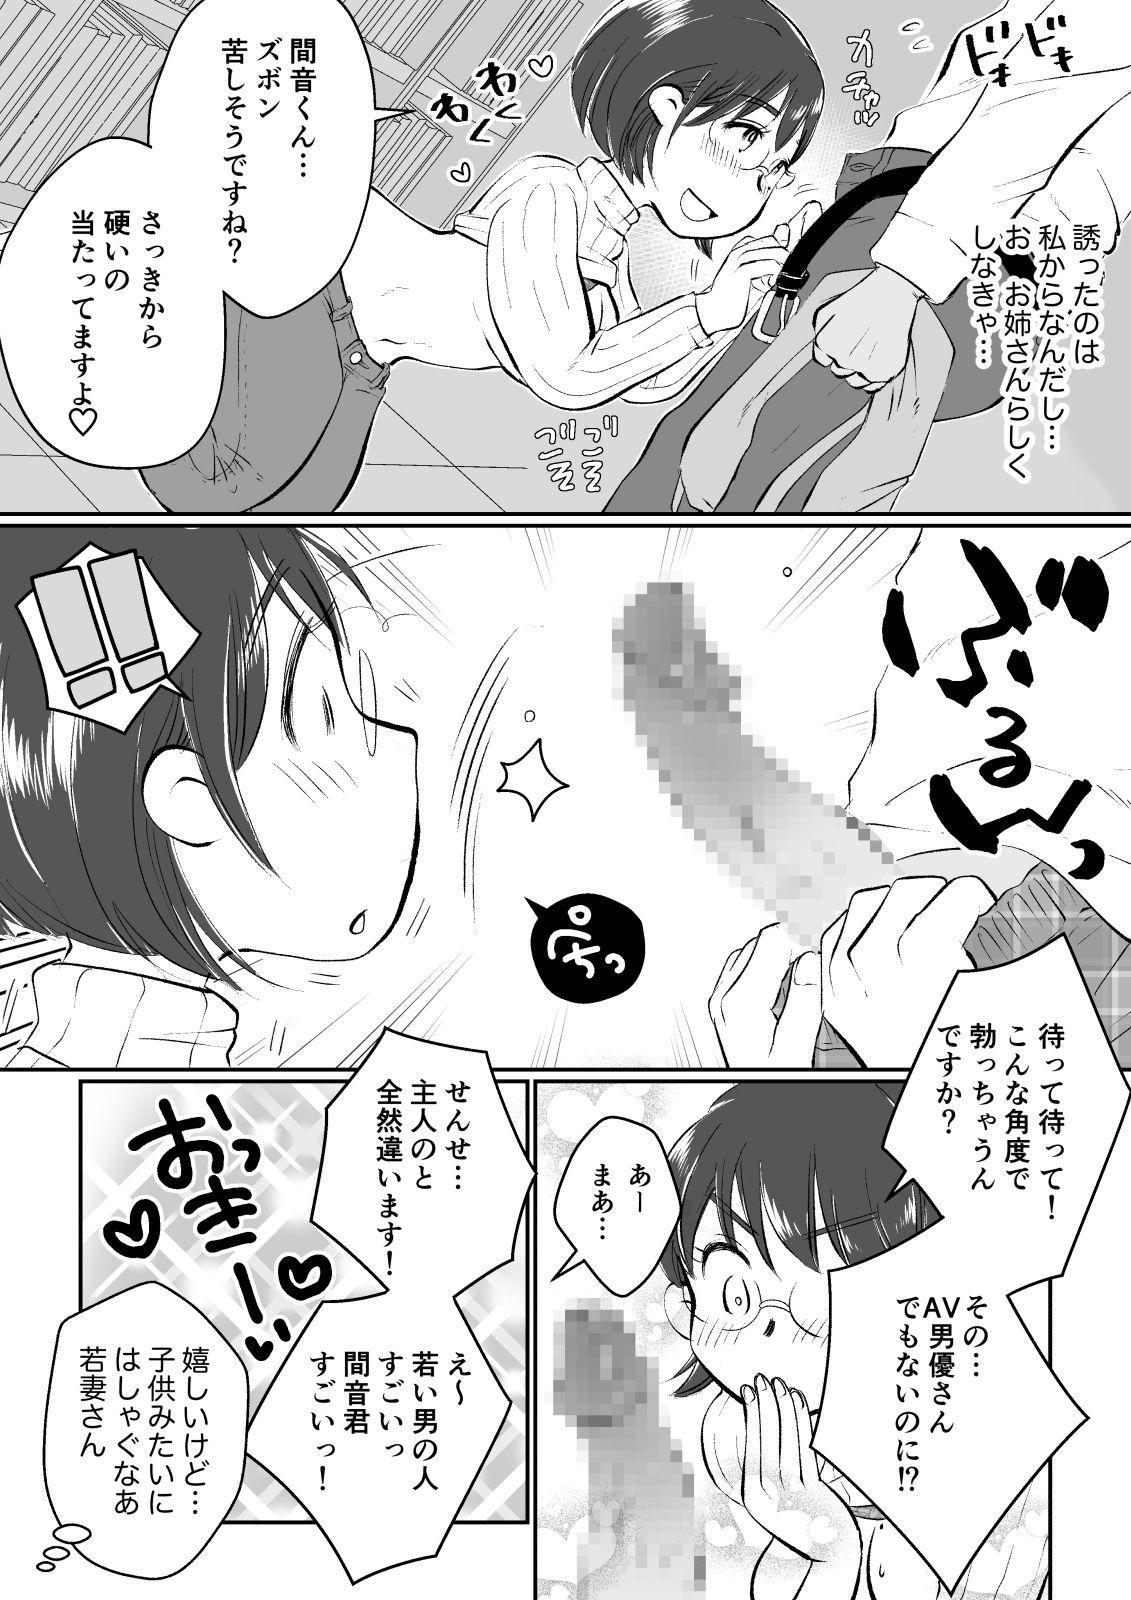 [Megitsune Works] Wakazuma-san wa Yokkyuu Fuman! Akogare no Shisho no Wakazuma-san ga Gakusei Beit no Boku no Fudeoroshi o Shite kuremashita. 30